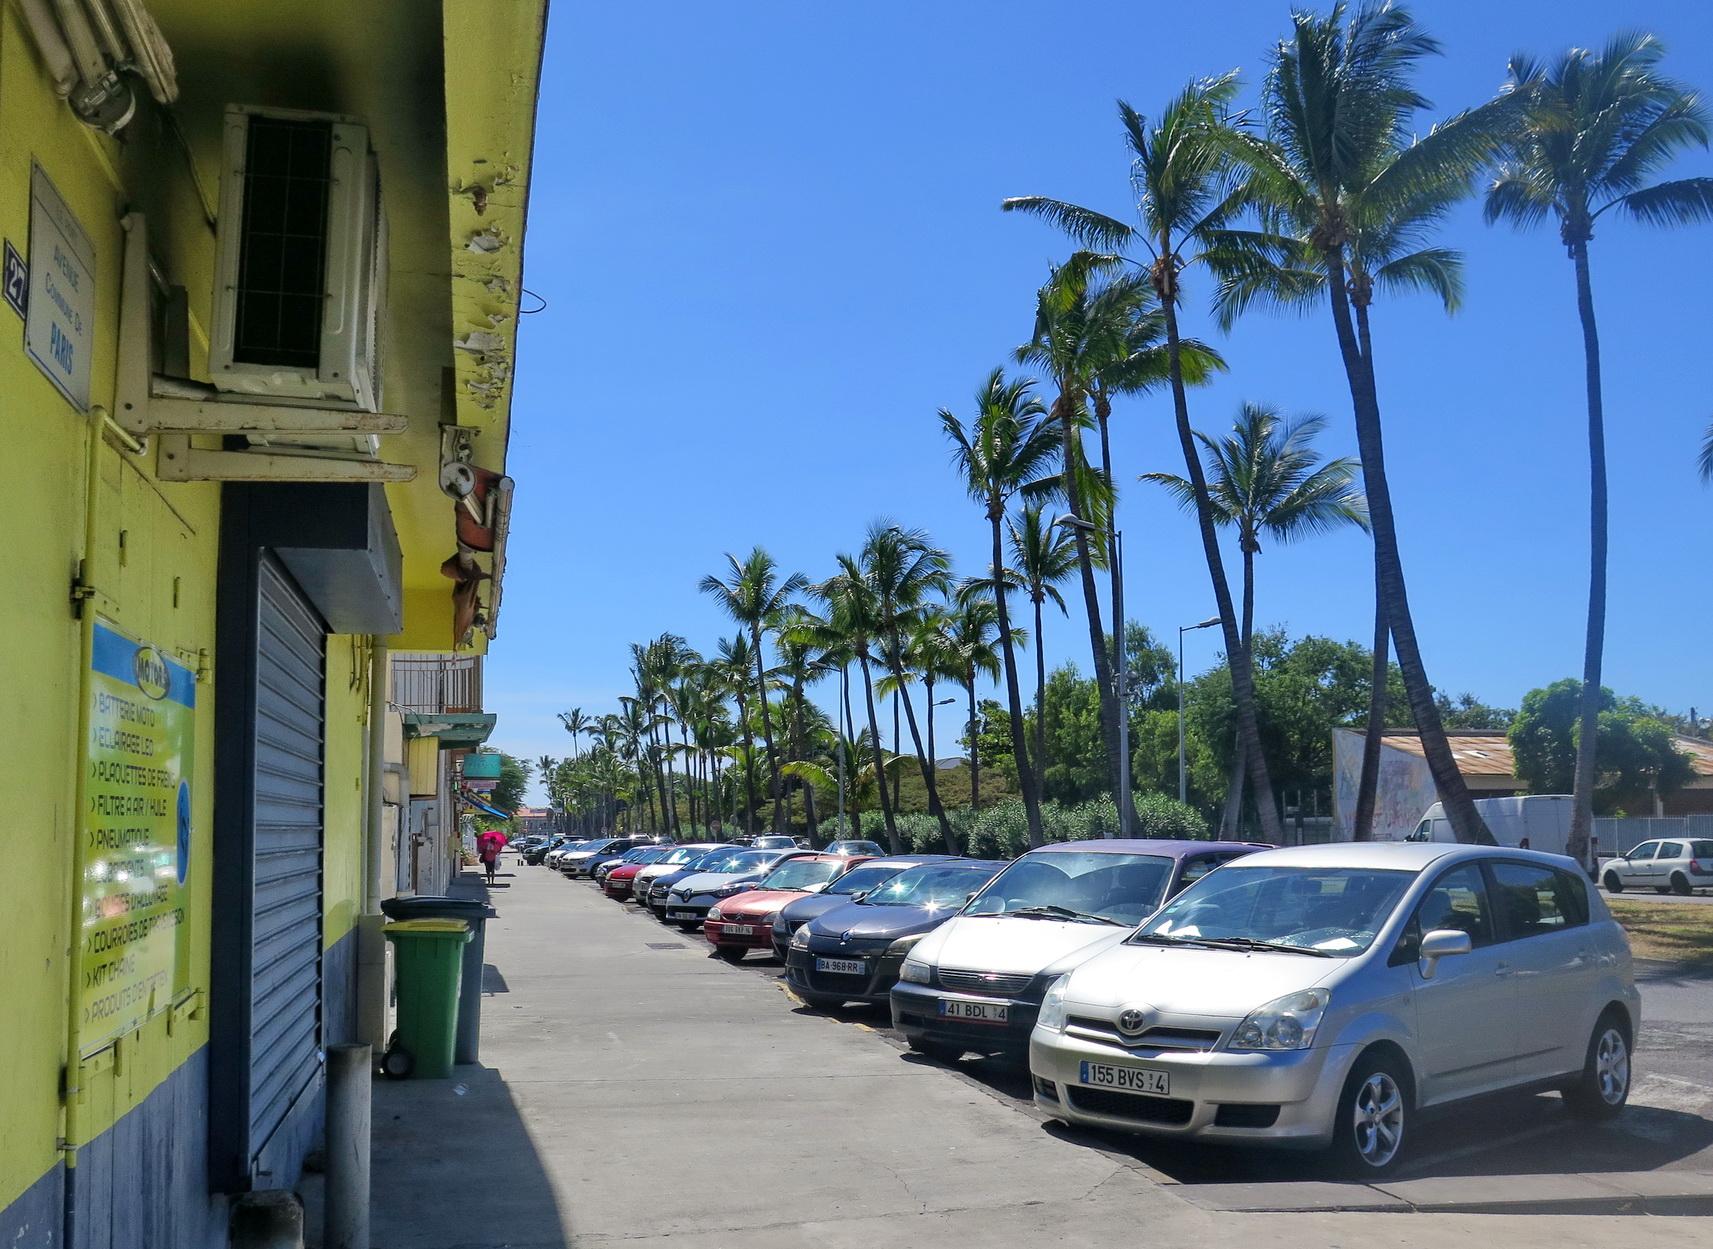 [Vie des ports] Les ports de la Réunion - Page 9 420238floral306